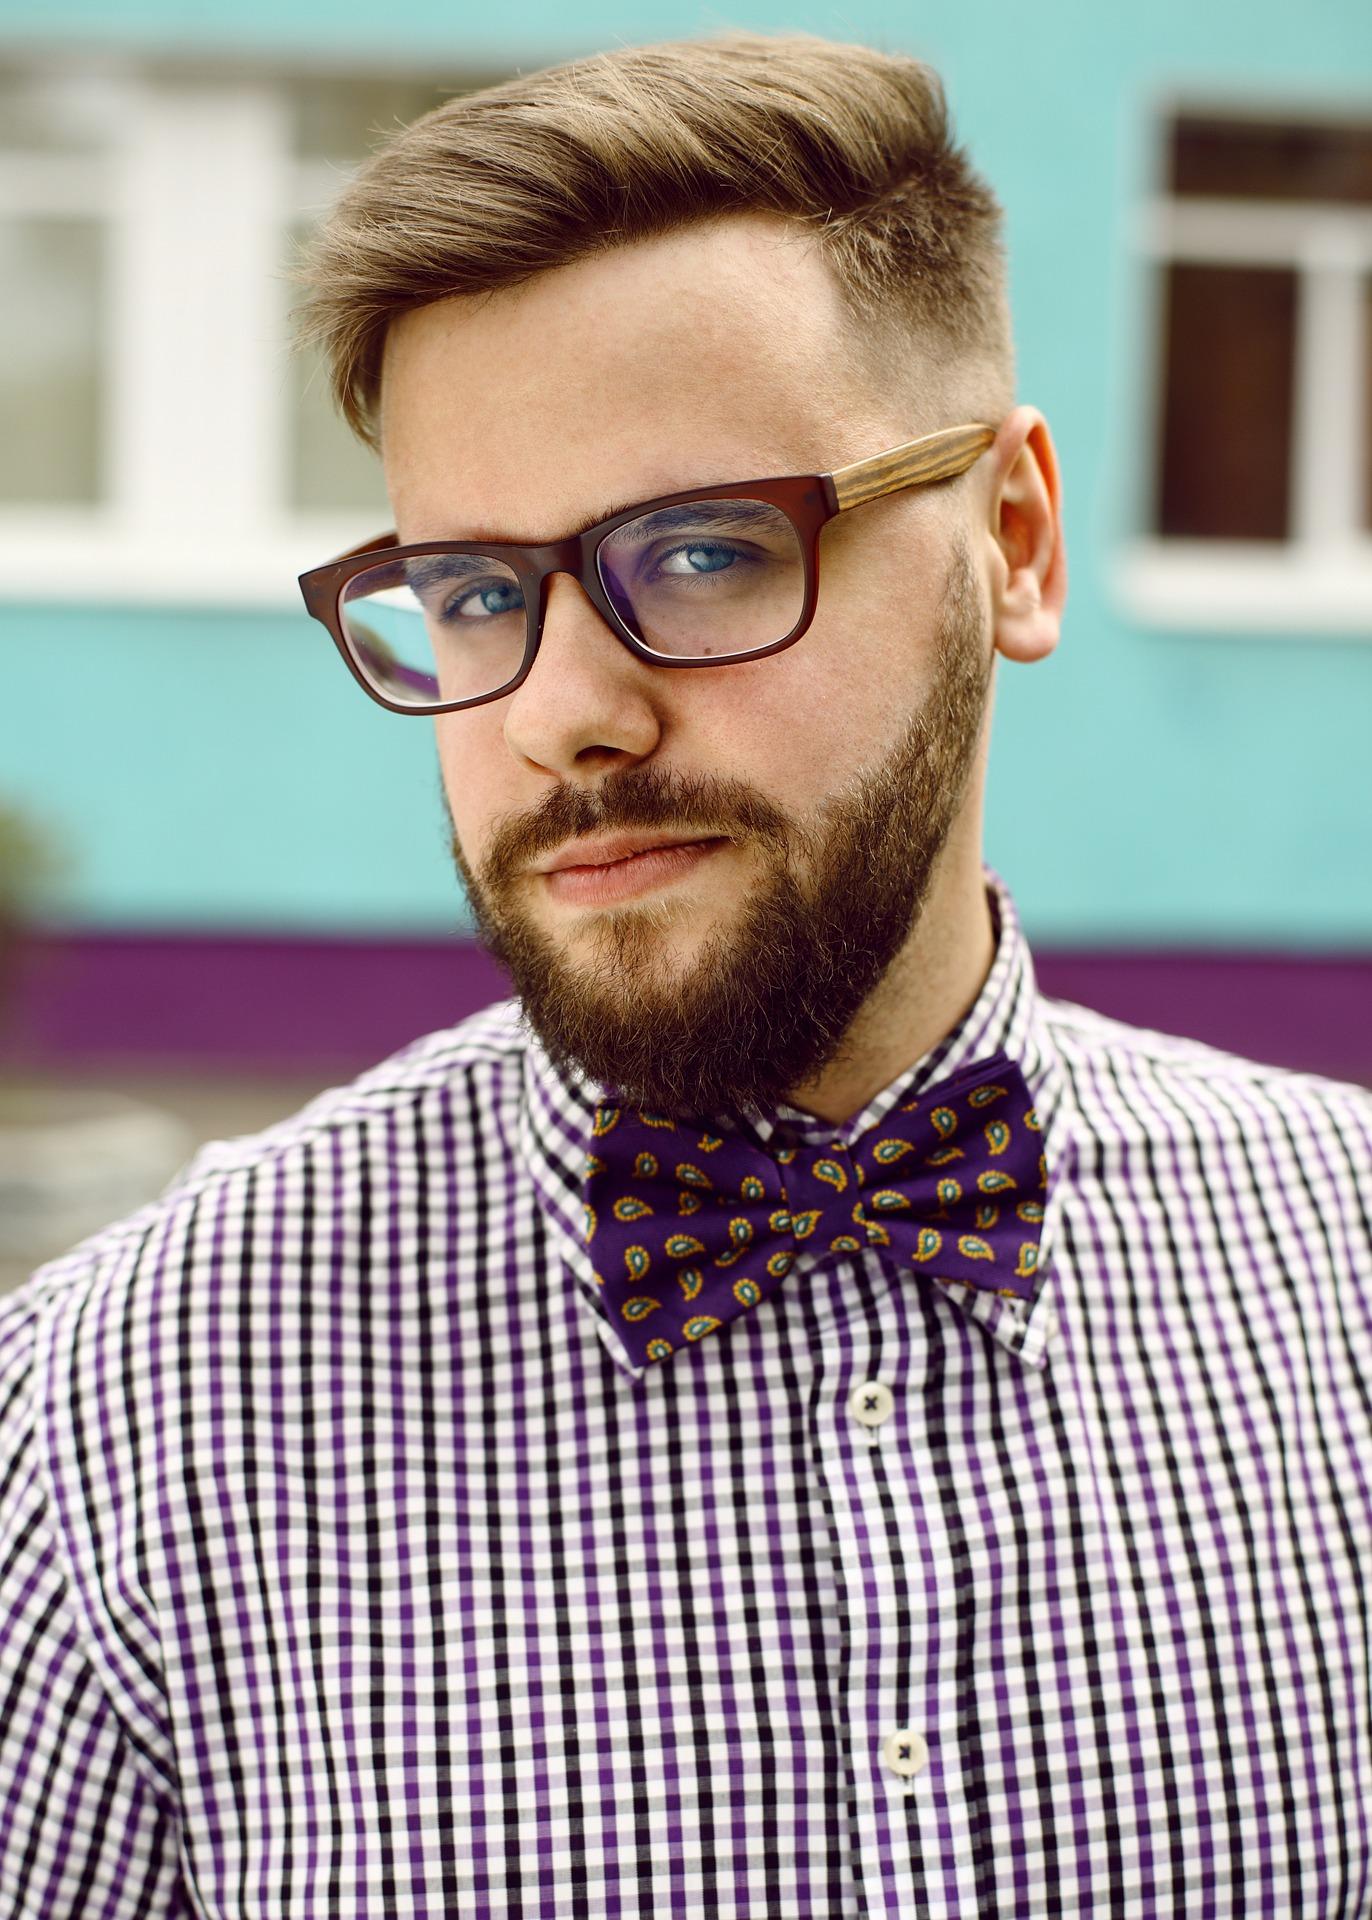 Angesagte Bartfrisuren Und Bartformen